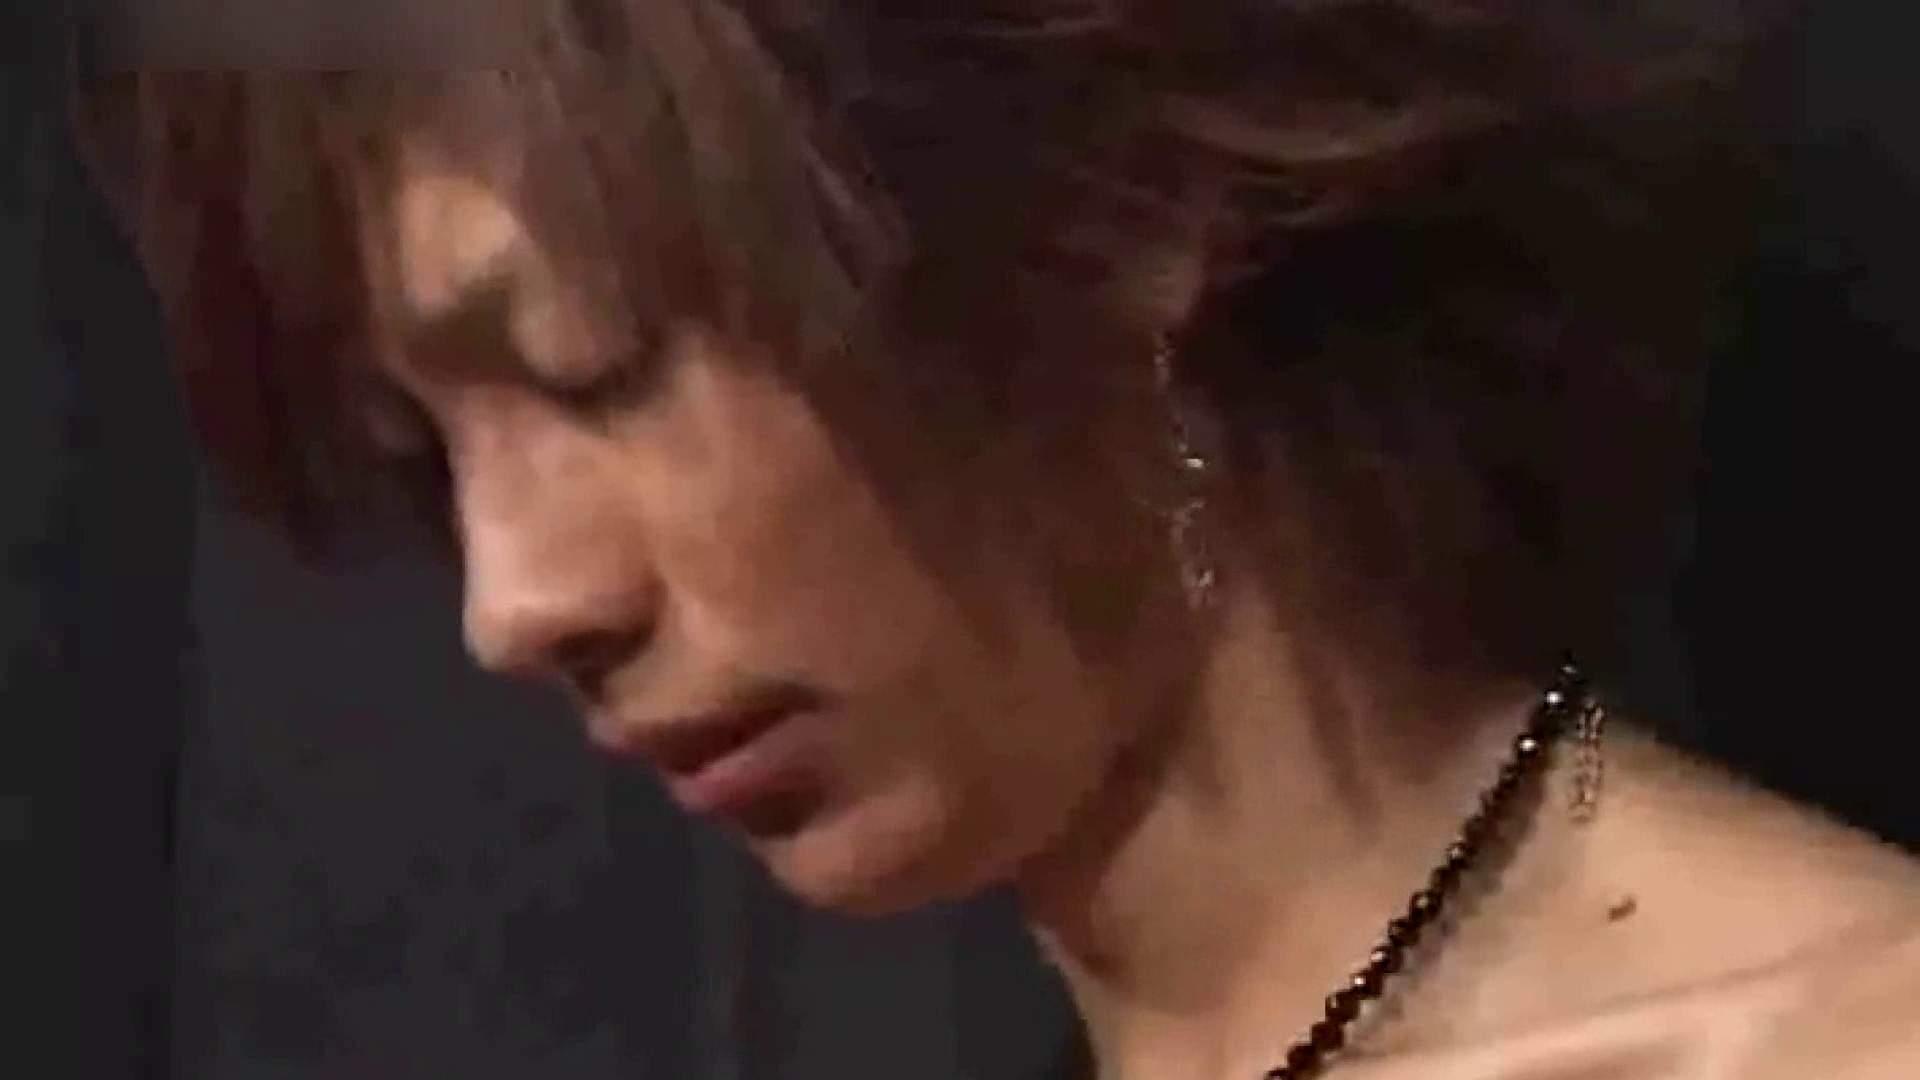 イケメンですが何か?!Vol.02 スリム美少年系ジャニ系 男同士動画 105連発 46